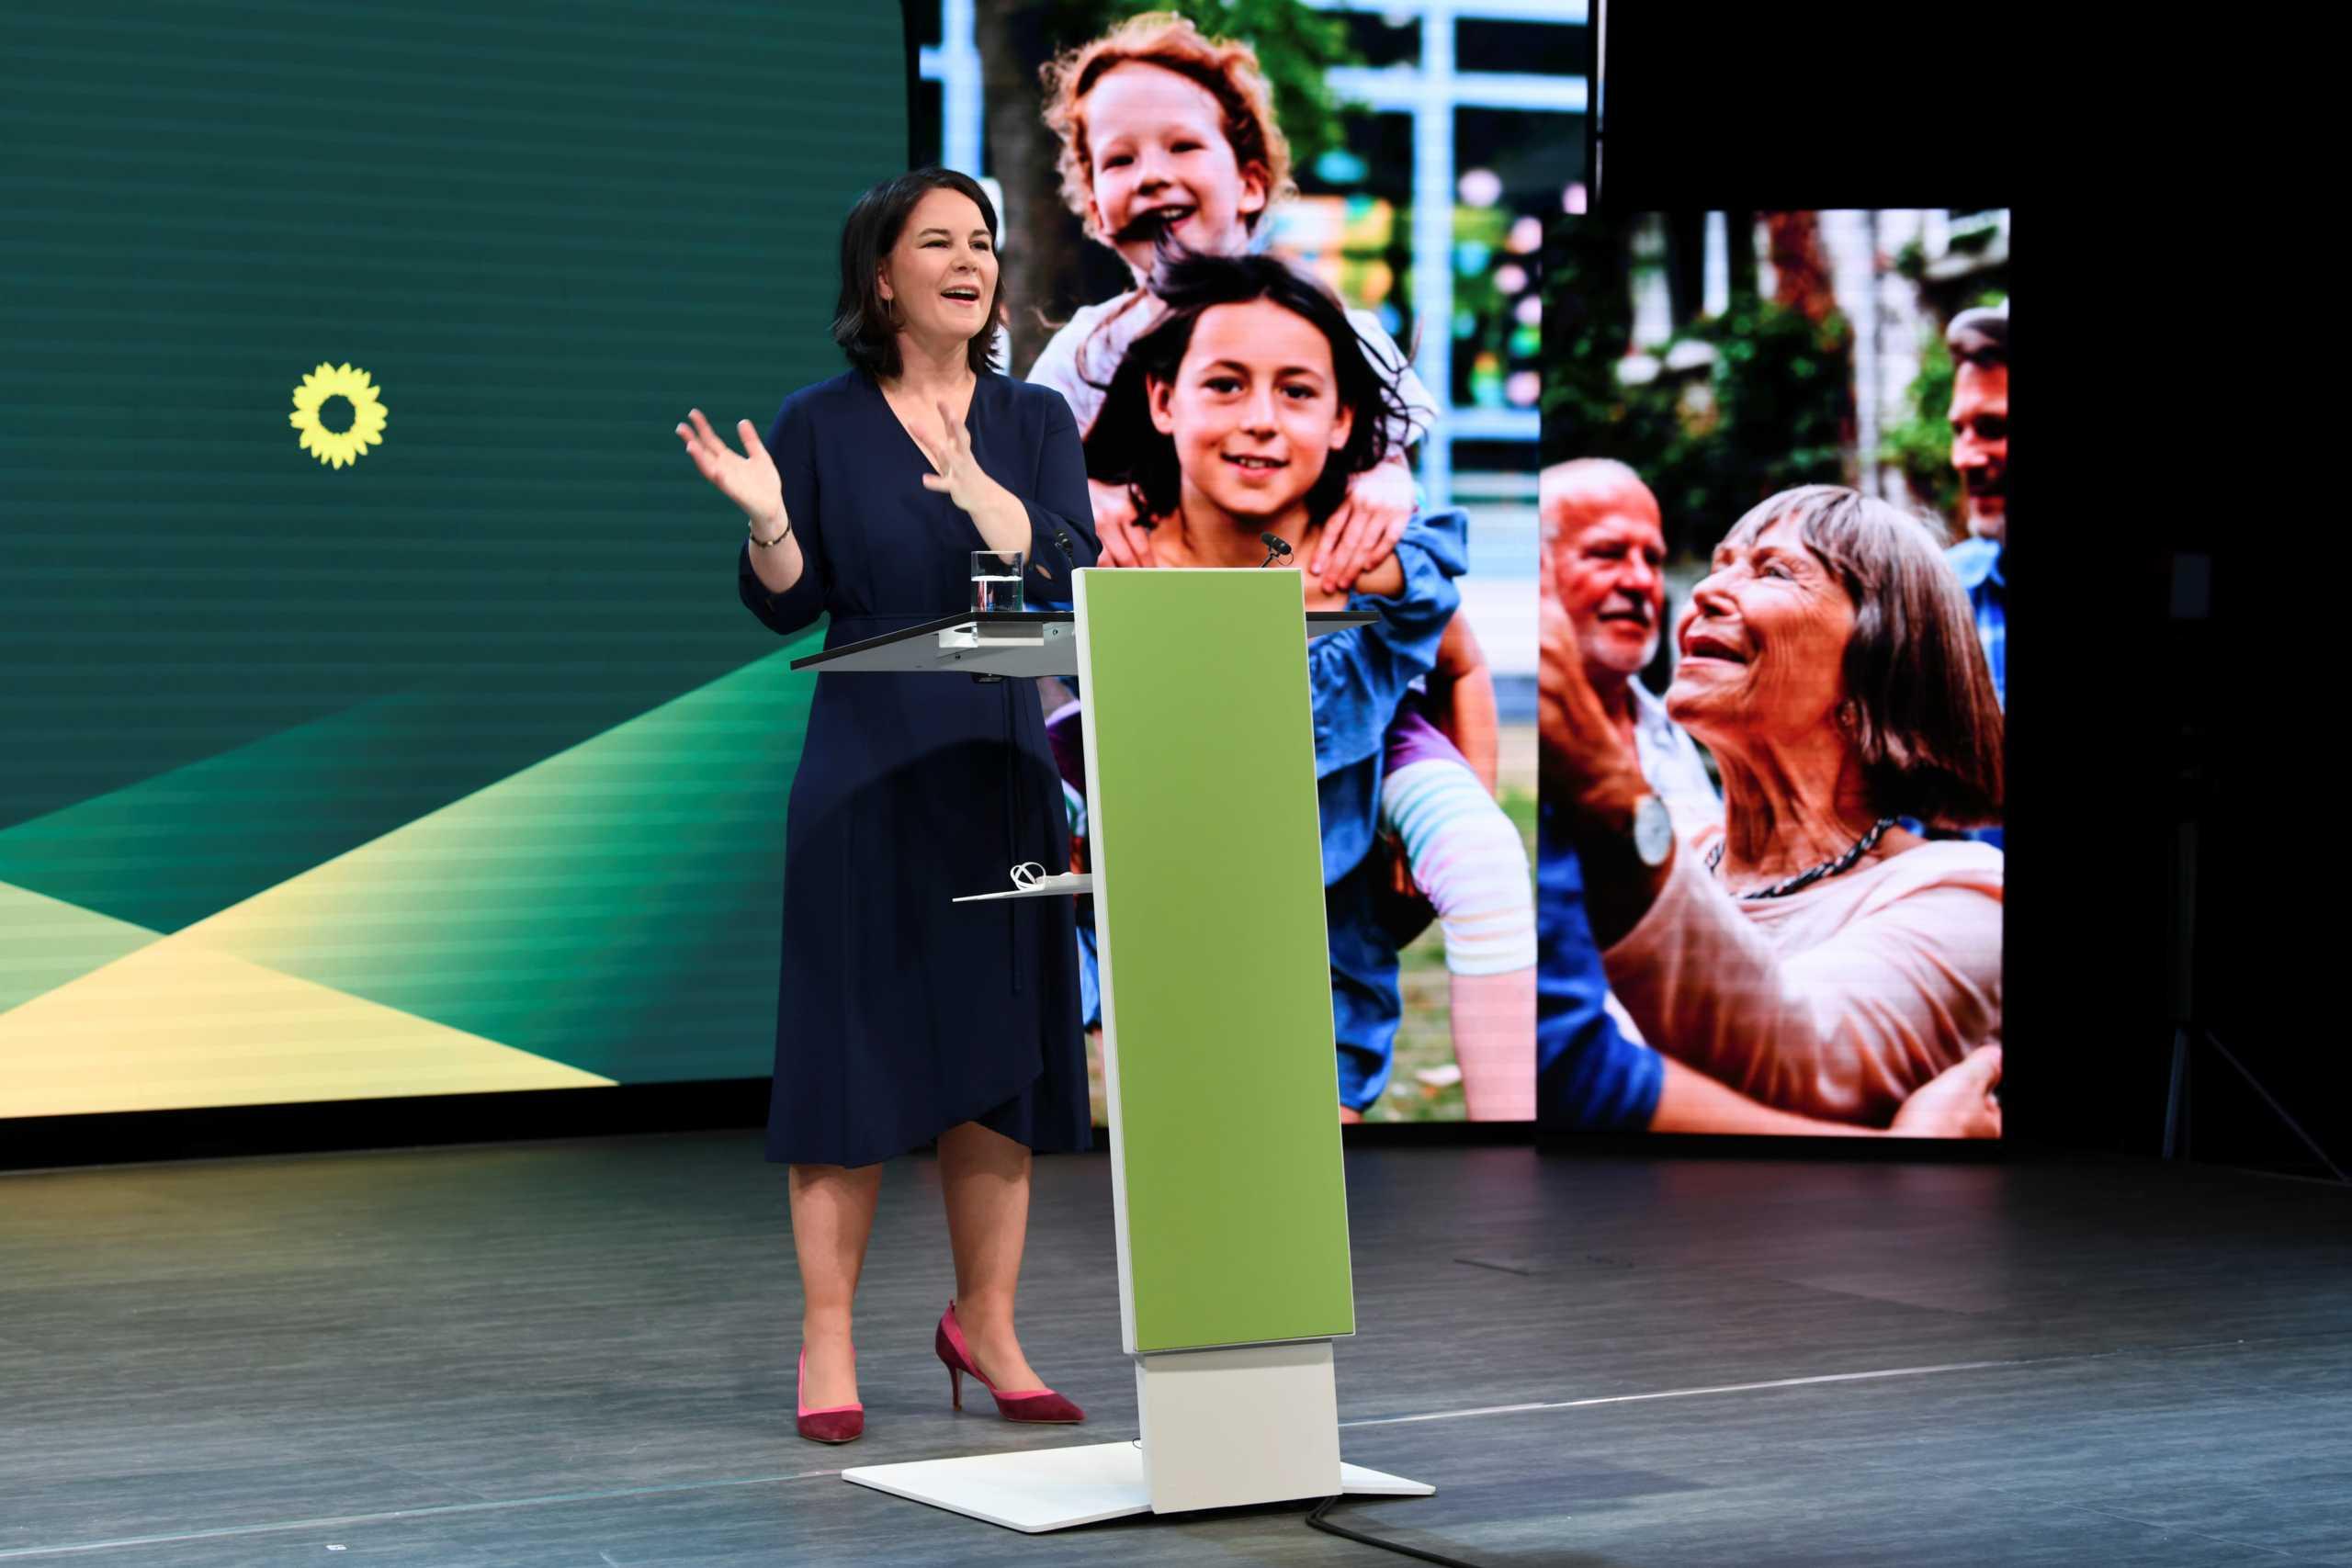 Γερμανία – Νέα δημοσκόπηση: Η 40άρα Αναλένα Μπέρμποκ οδηγεί με «φόρα» τους Πράσινους στις κάλπες